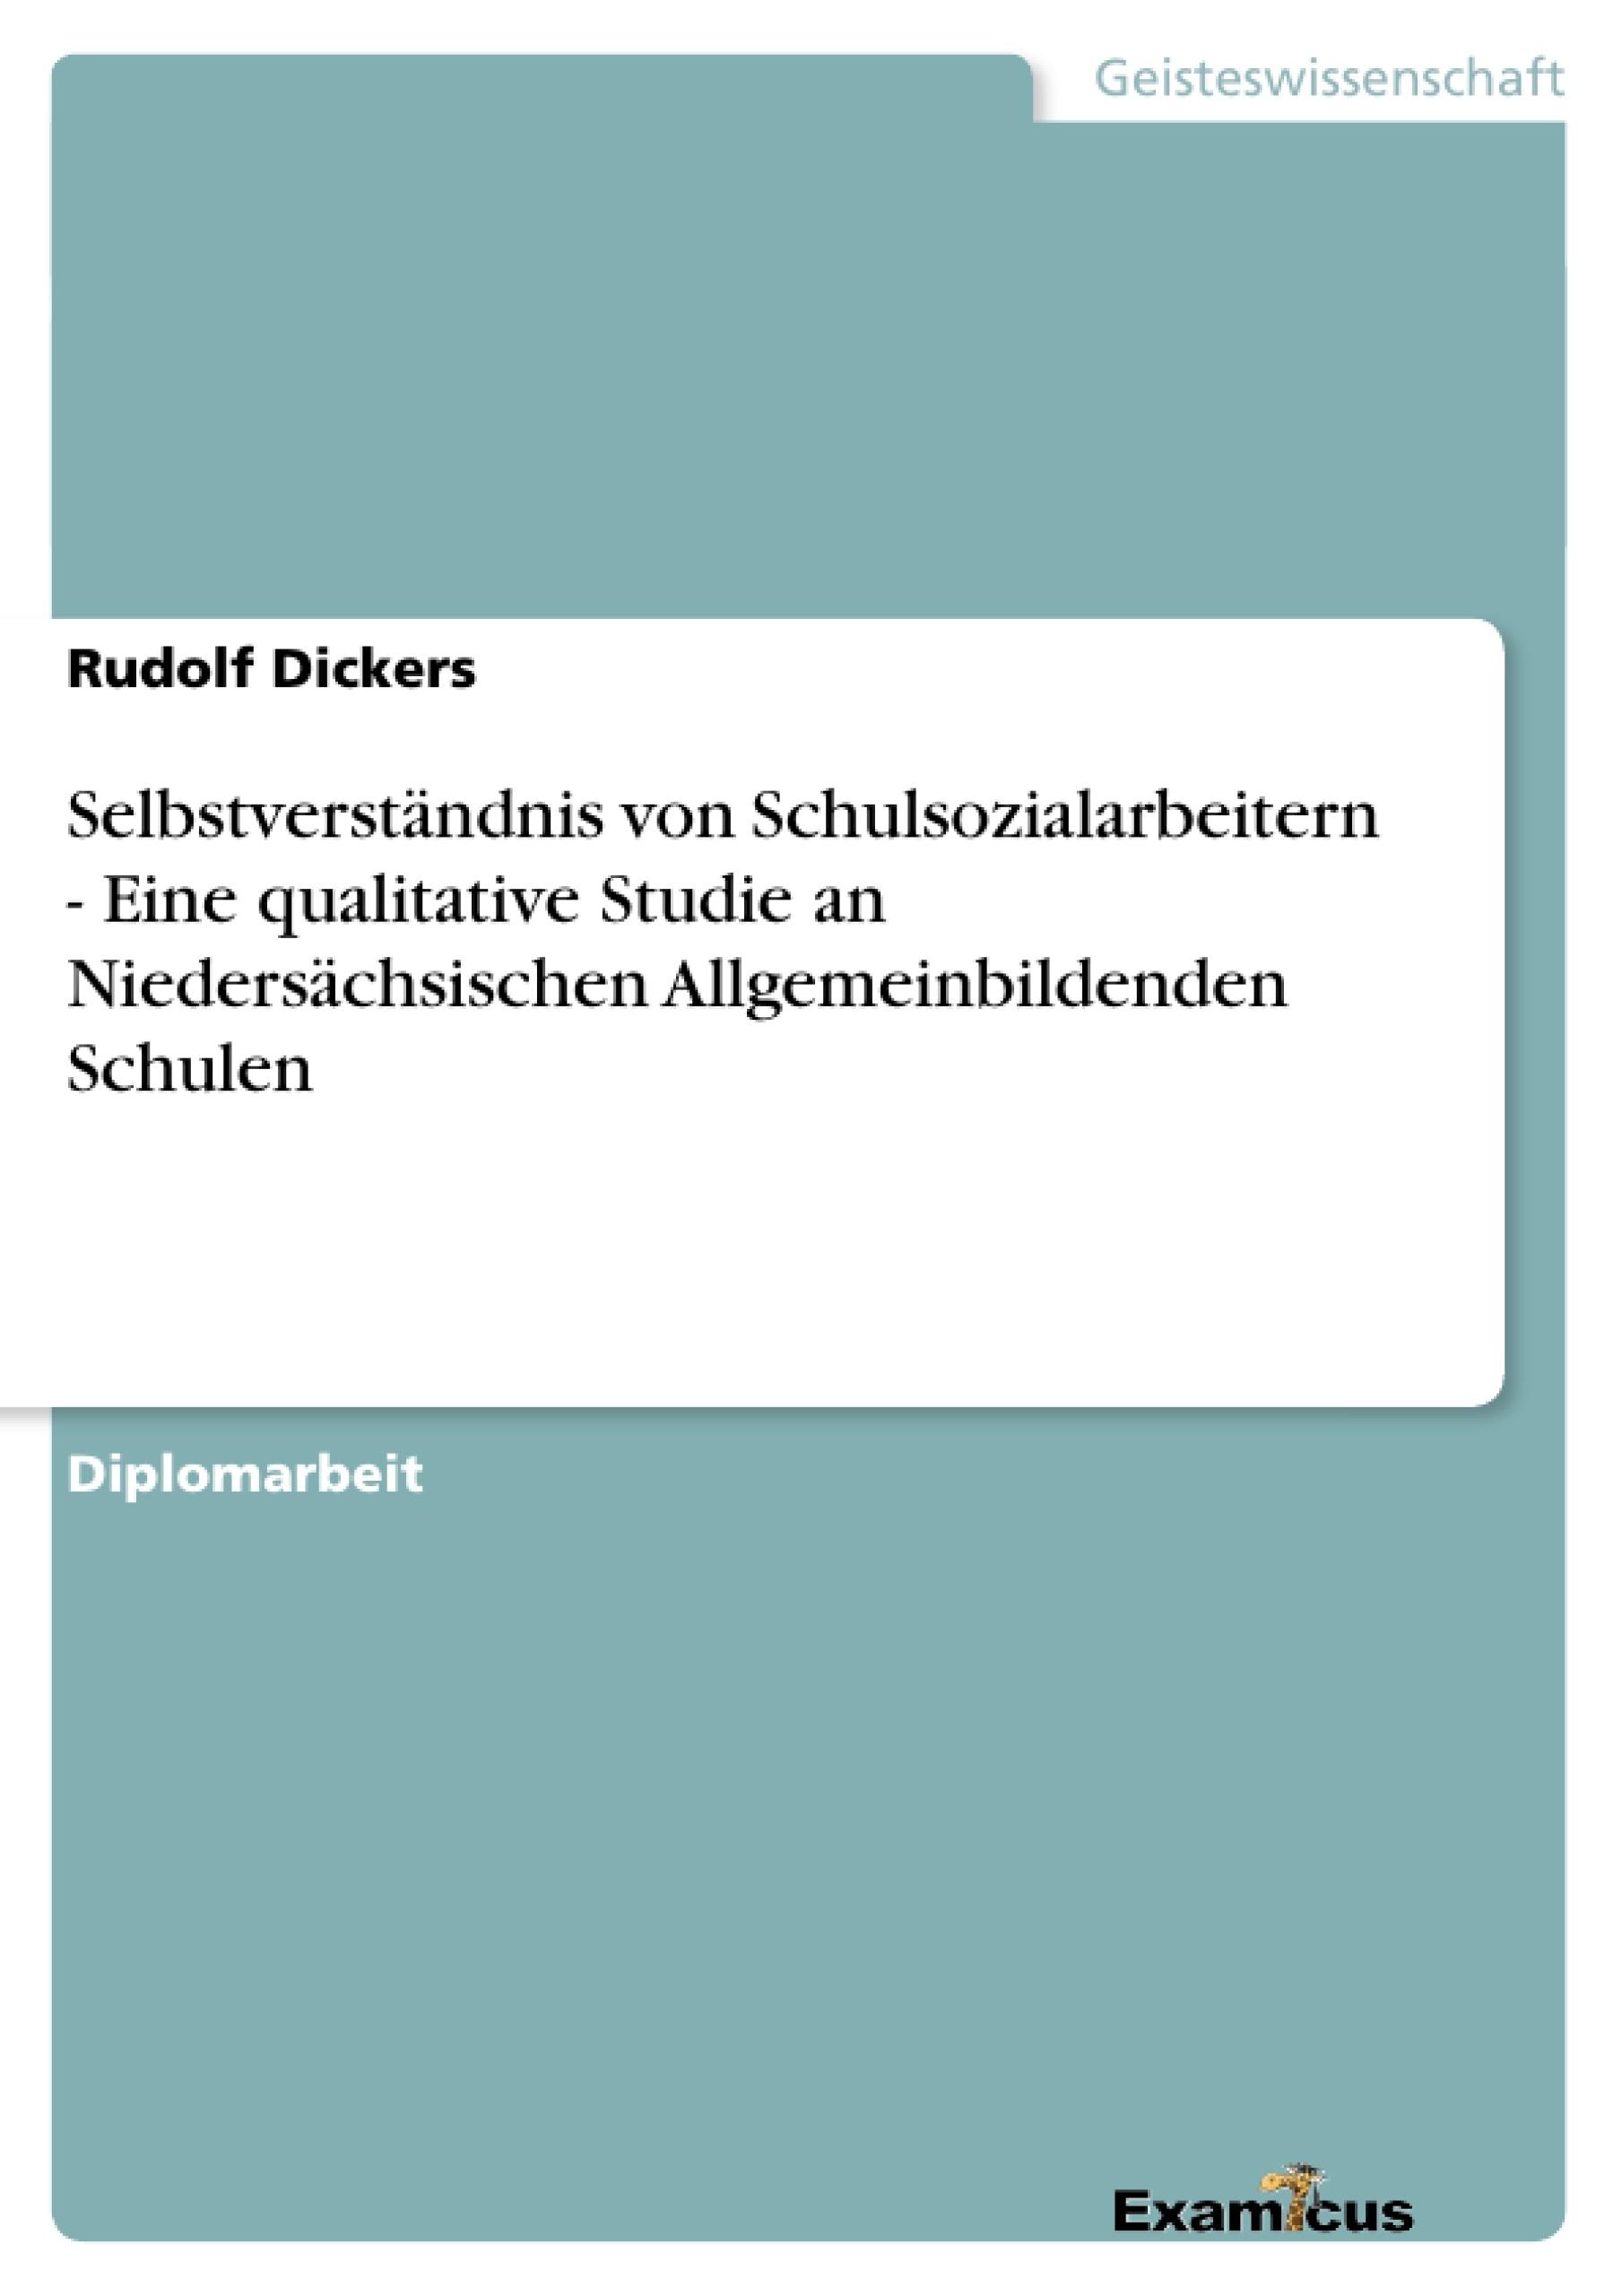 Titel: Selbstverständnis von Schulsozialarbeitern - Eine qualitative Studie an Niedersächsischen Allgemeinbildenden Schulen